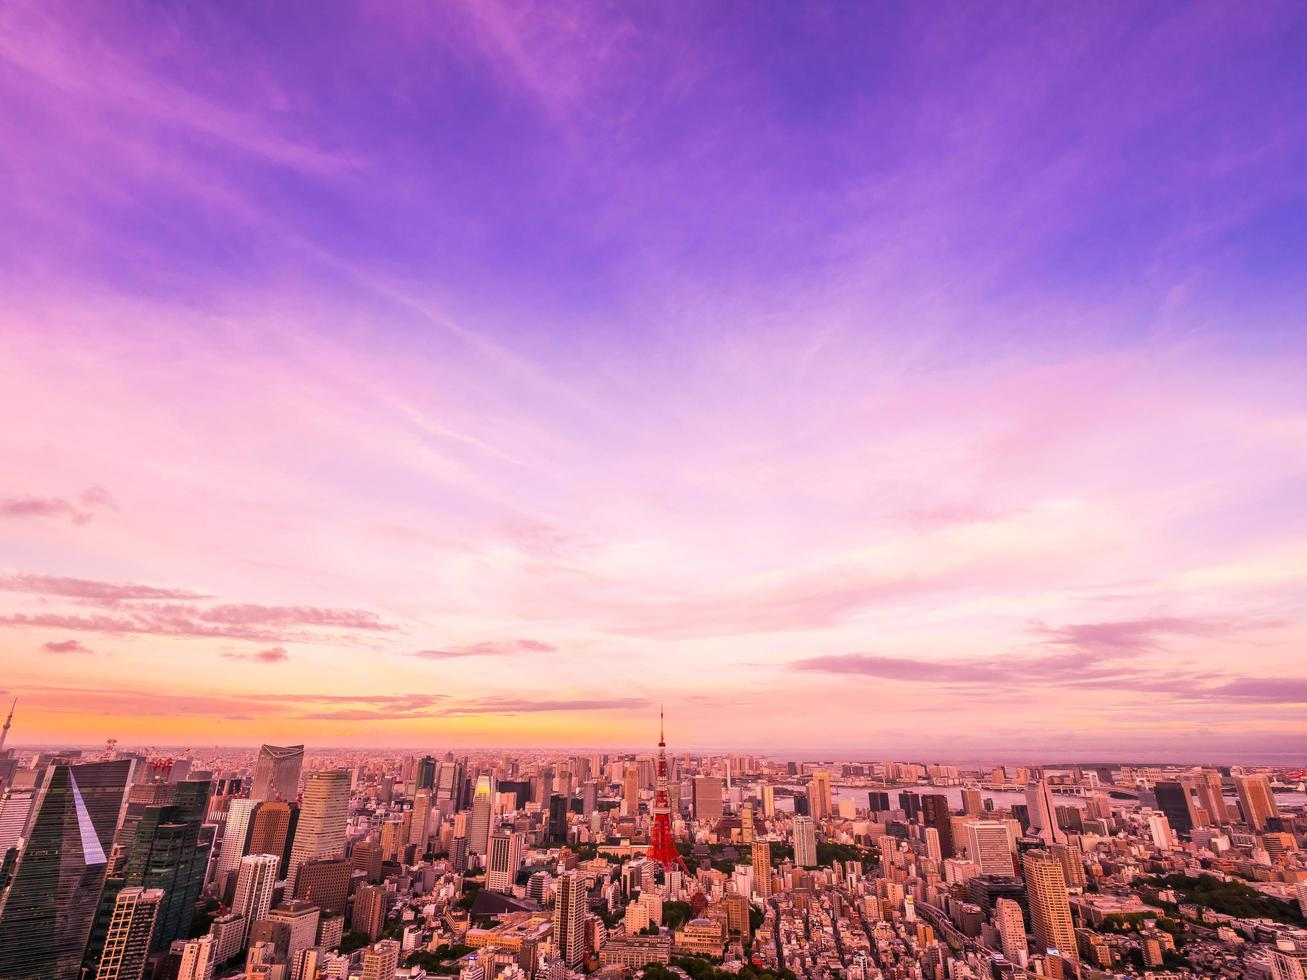 ville de tokyo au coucher du soleil photo